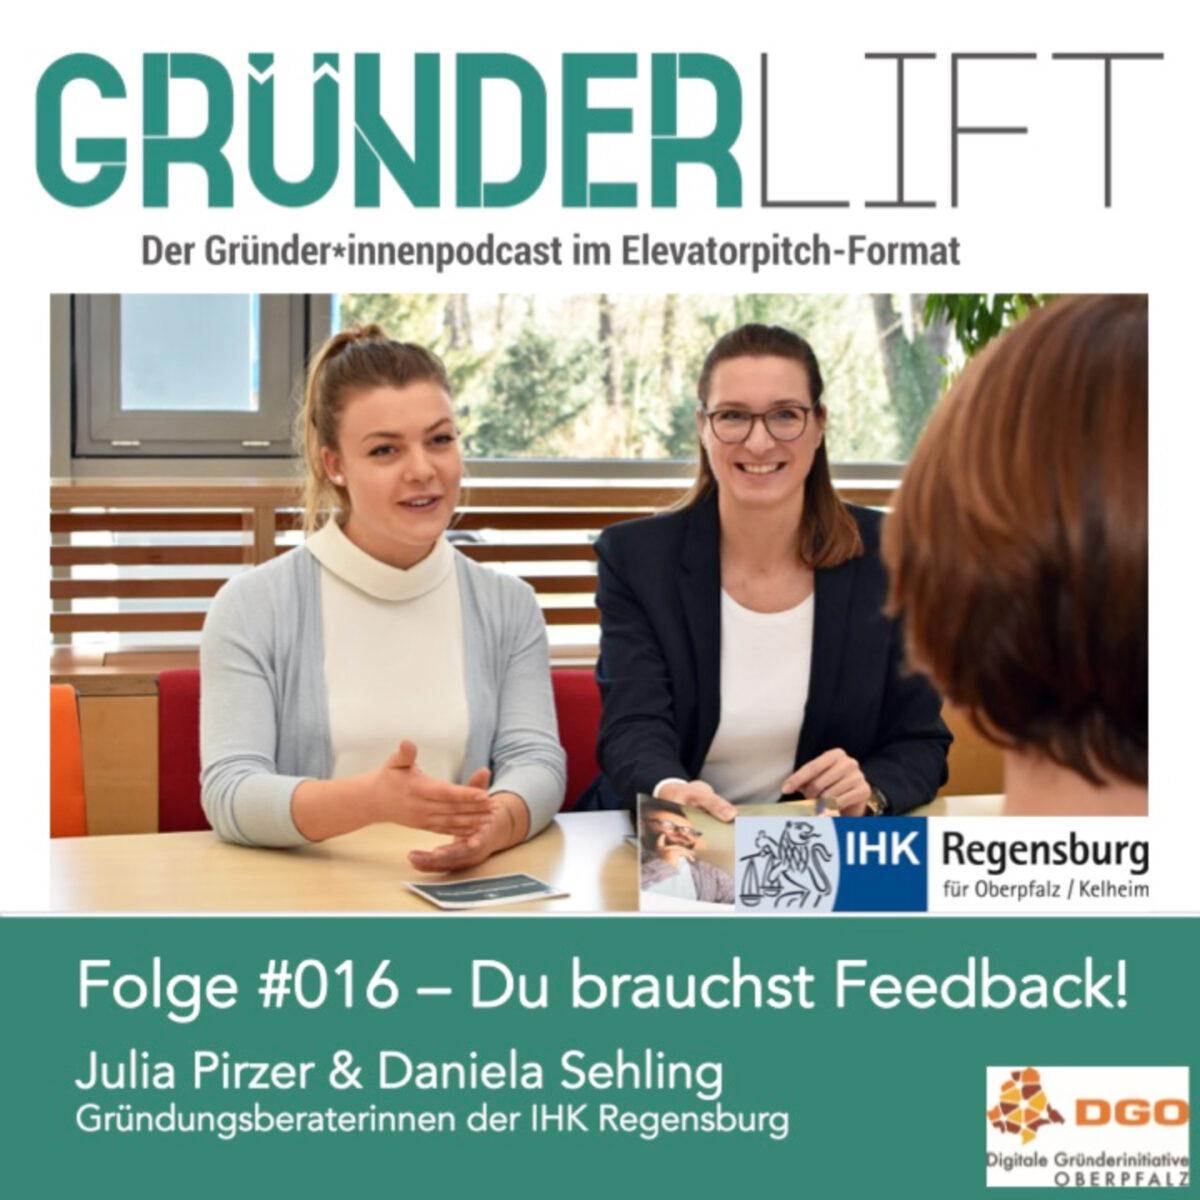 Gründungsberaterinnen Julia Pirzer und Daniela Sehling der IHK Regensburg